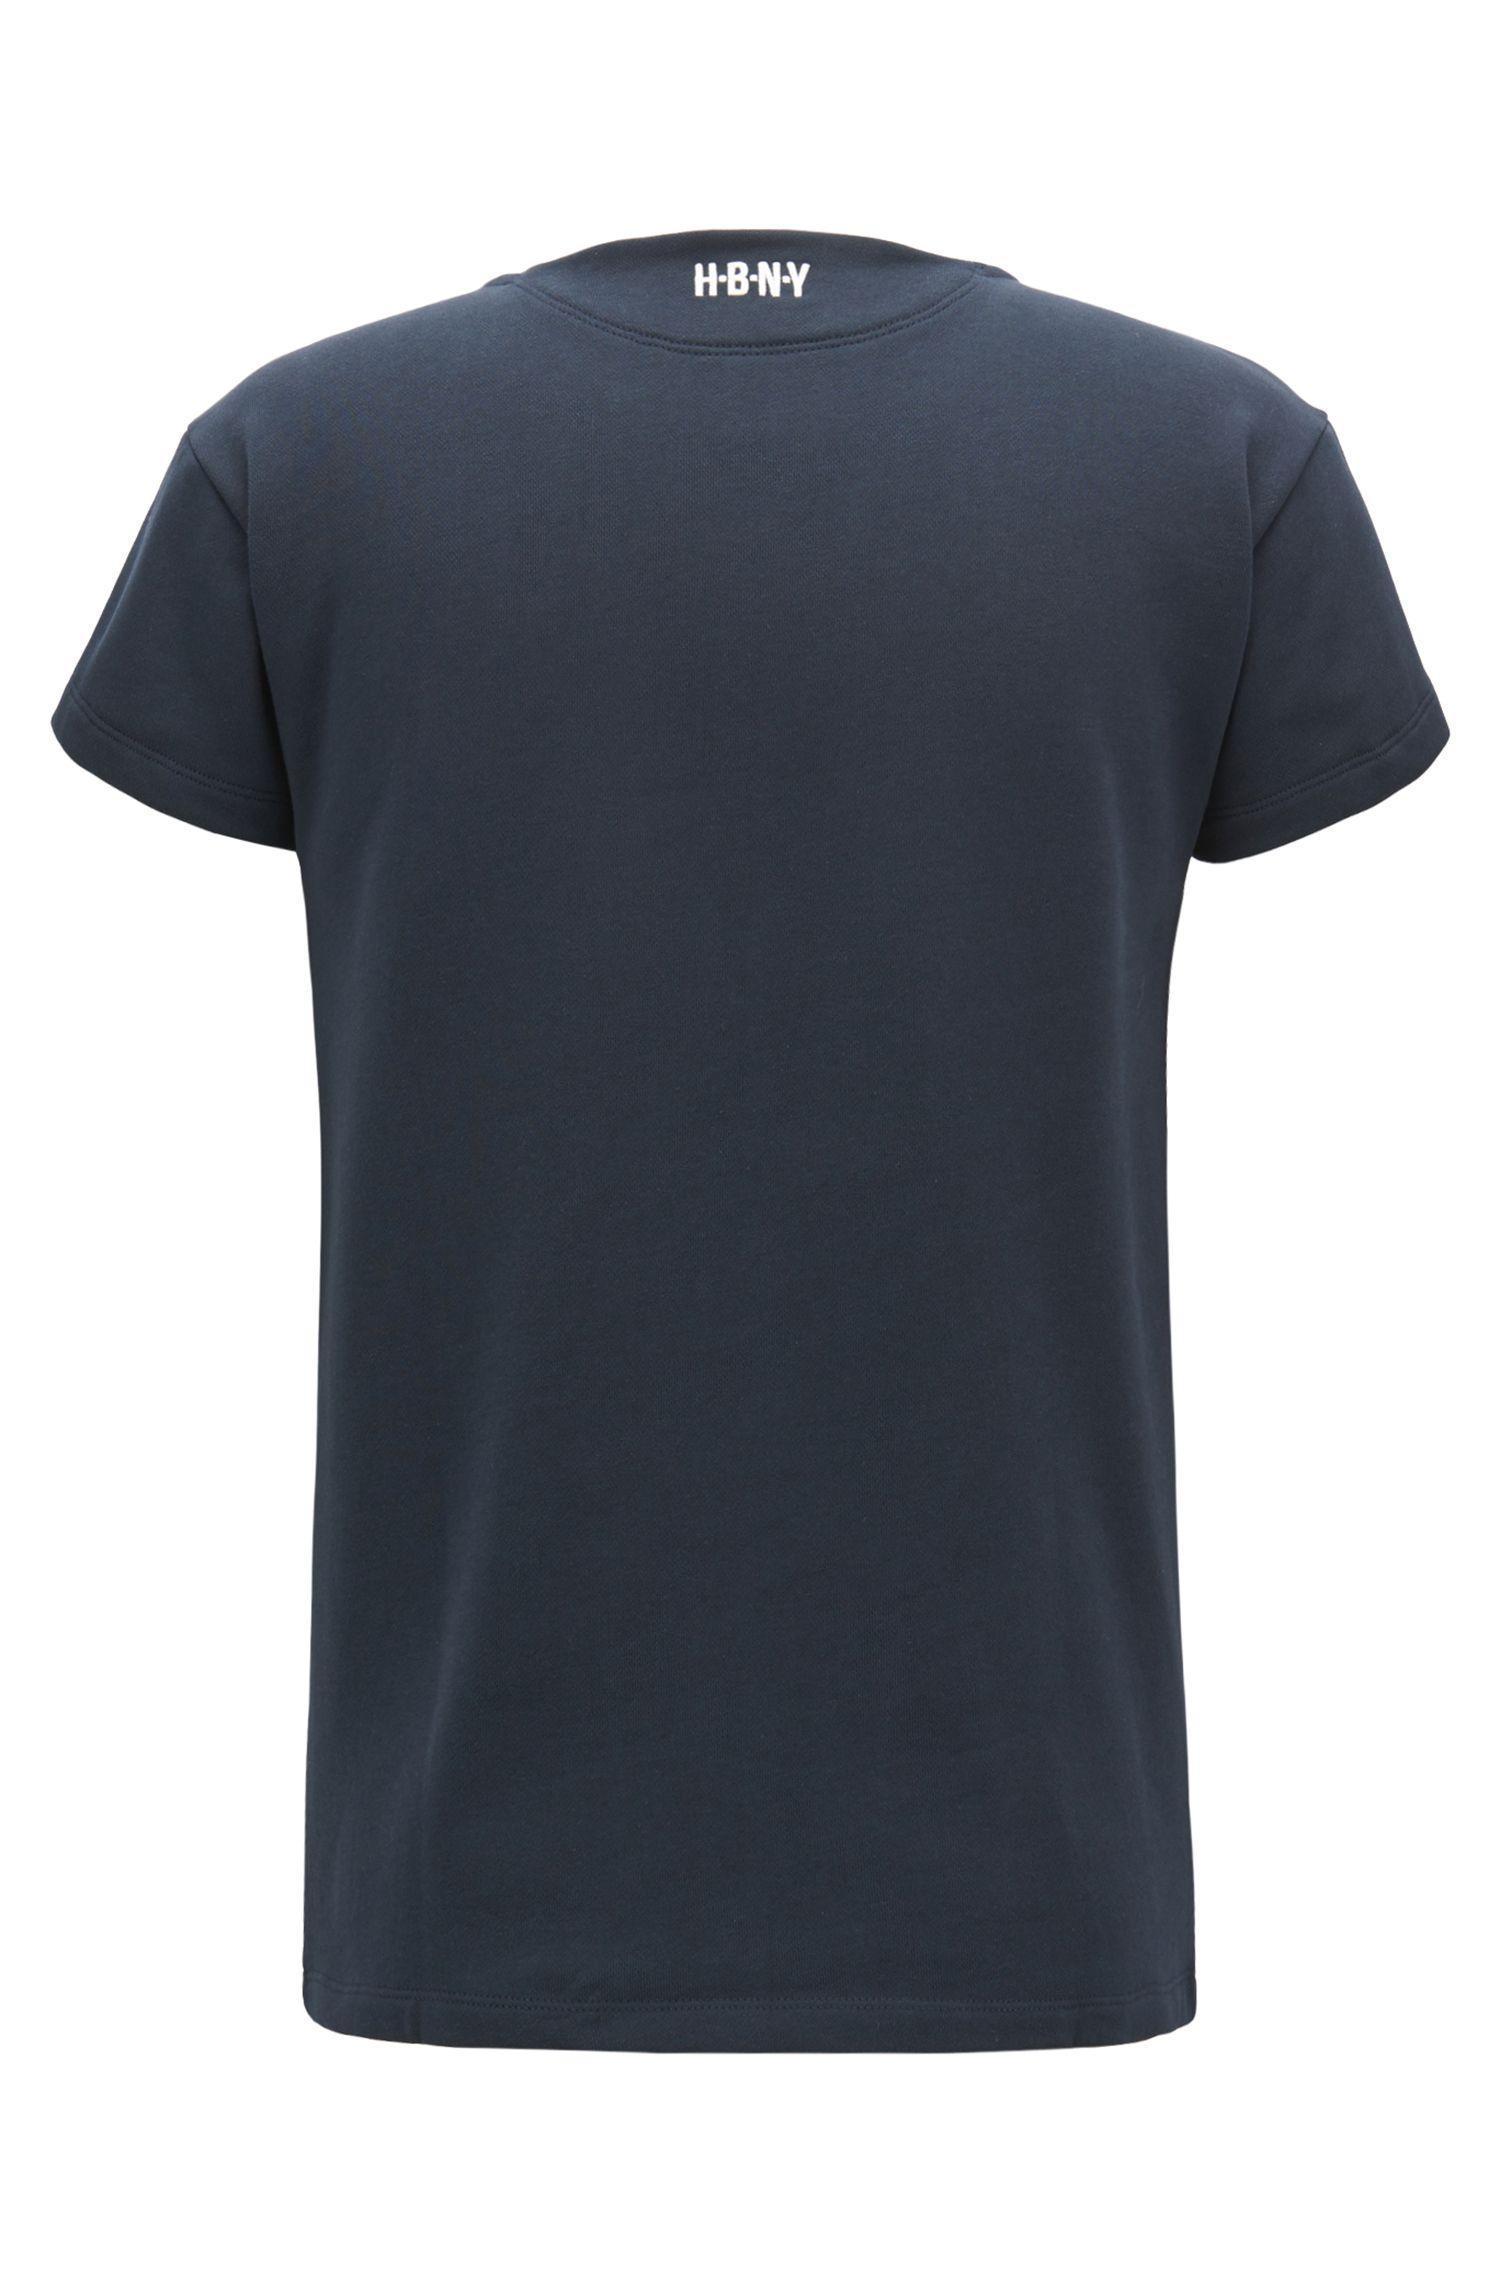 Printed Cotton Jersey T-Shirt | Tasman